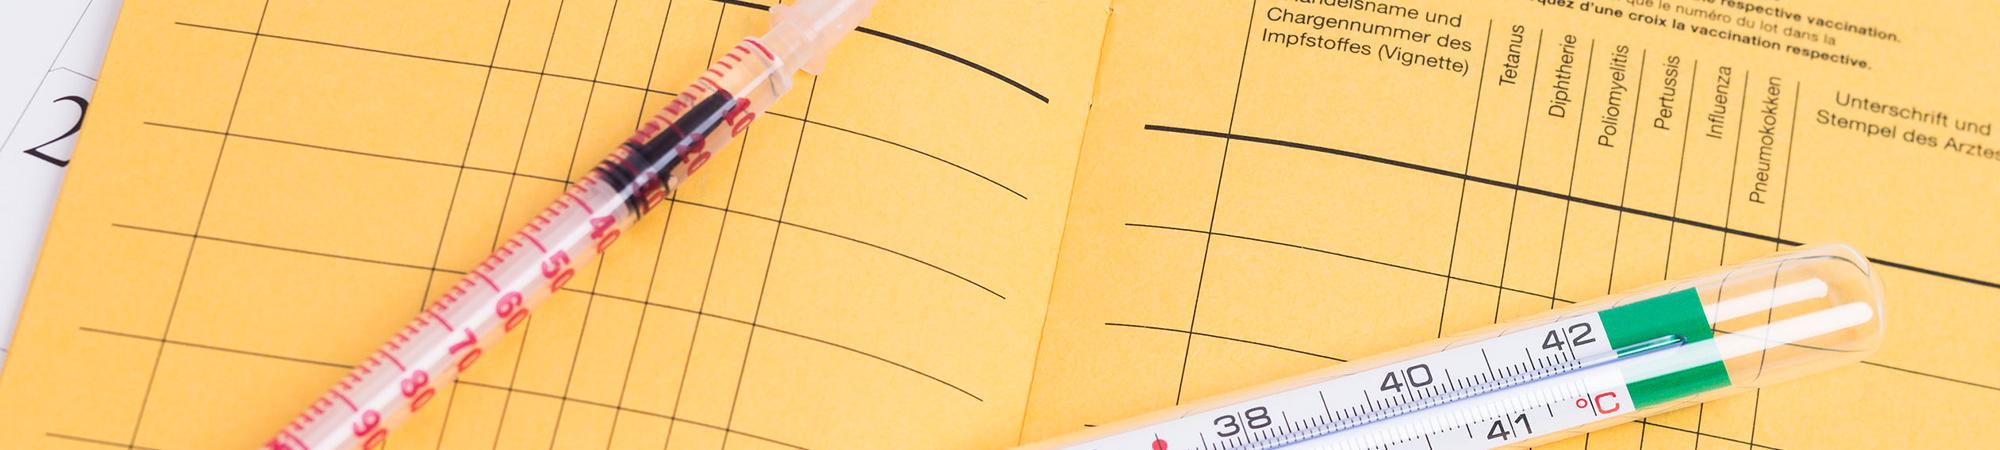 gynäkologin gevelsberg hagen schwelm ennepetal frauenarzt ultraschall krebsfrüherkennung